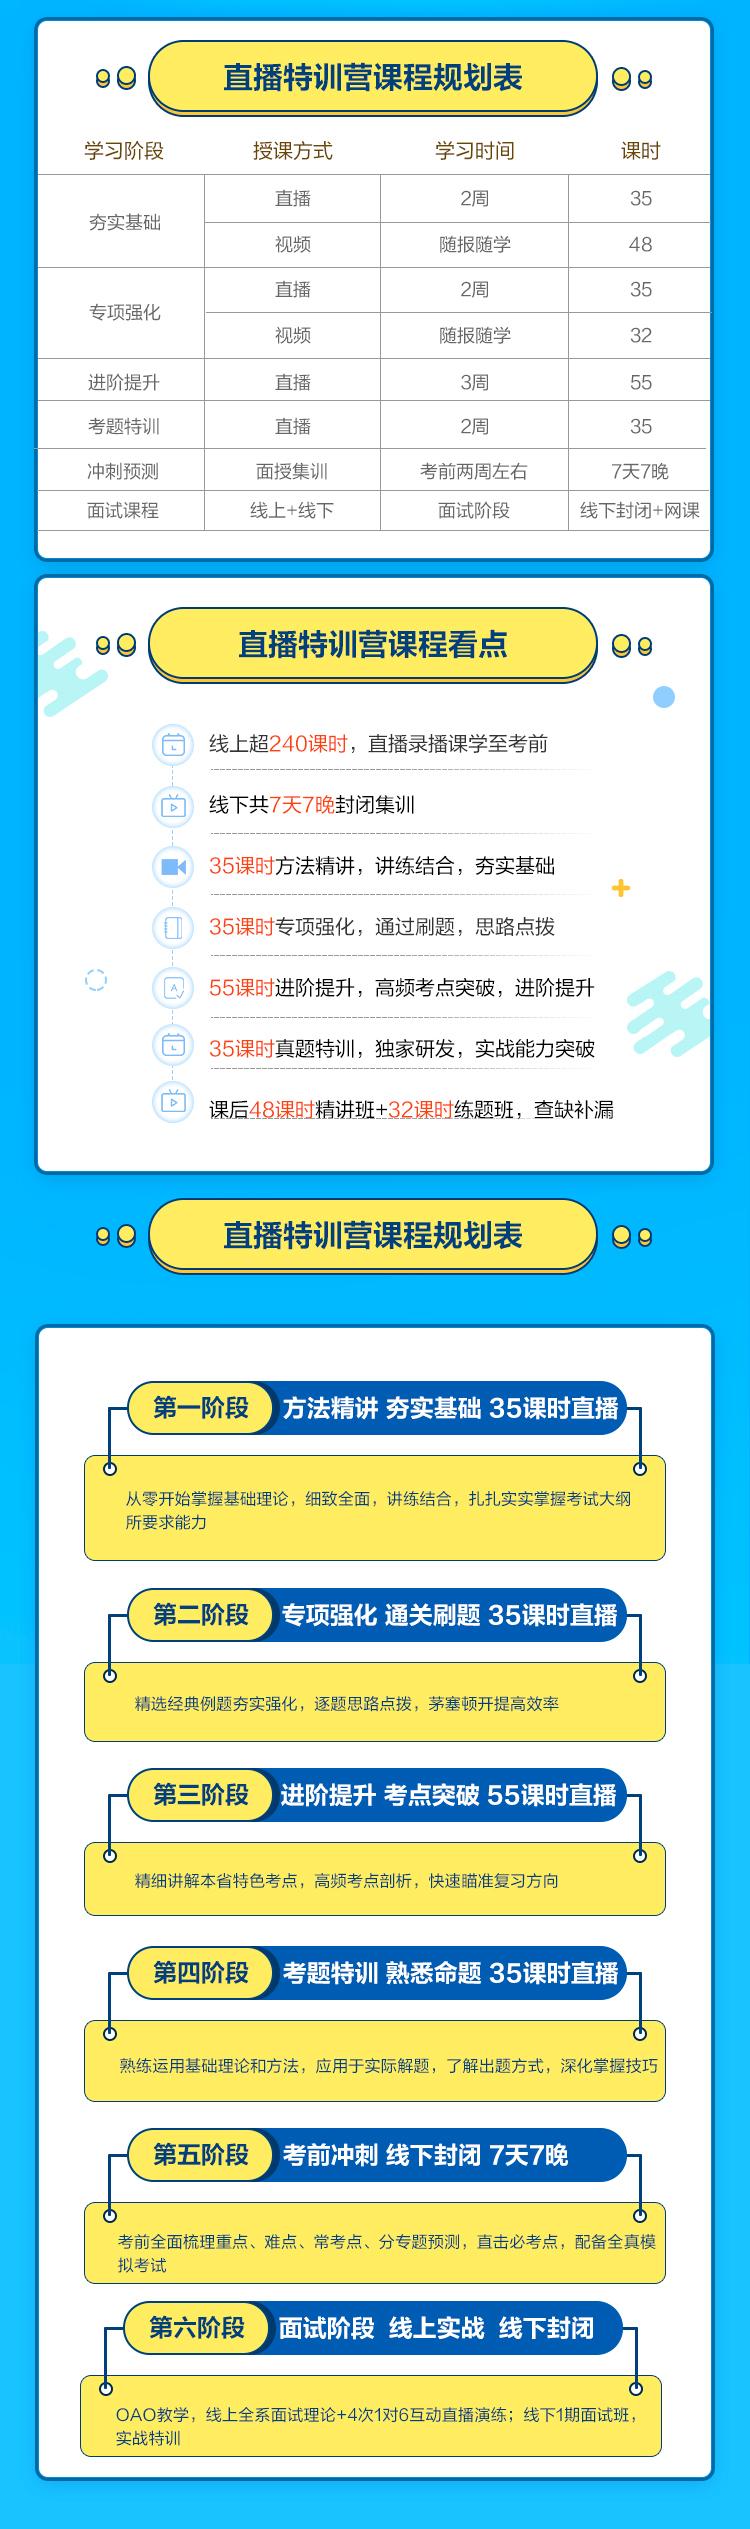 """""""OAO全程直播(无忧)特训协议班(7天7晚)""""-1.jpg"""